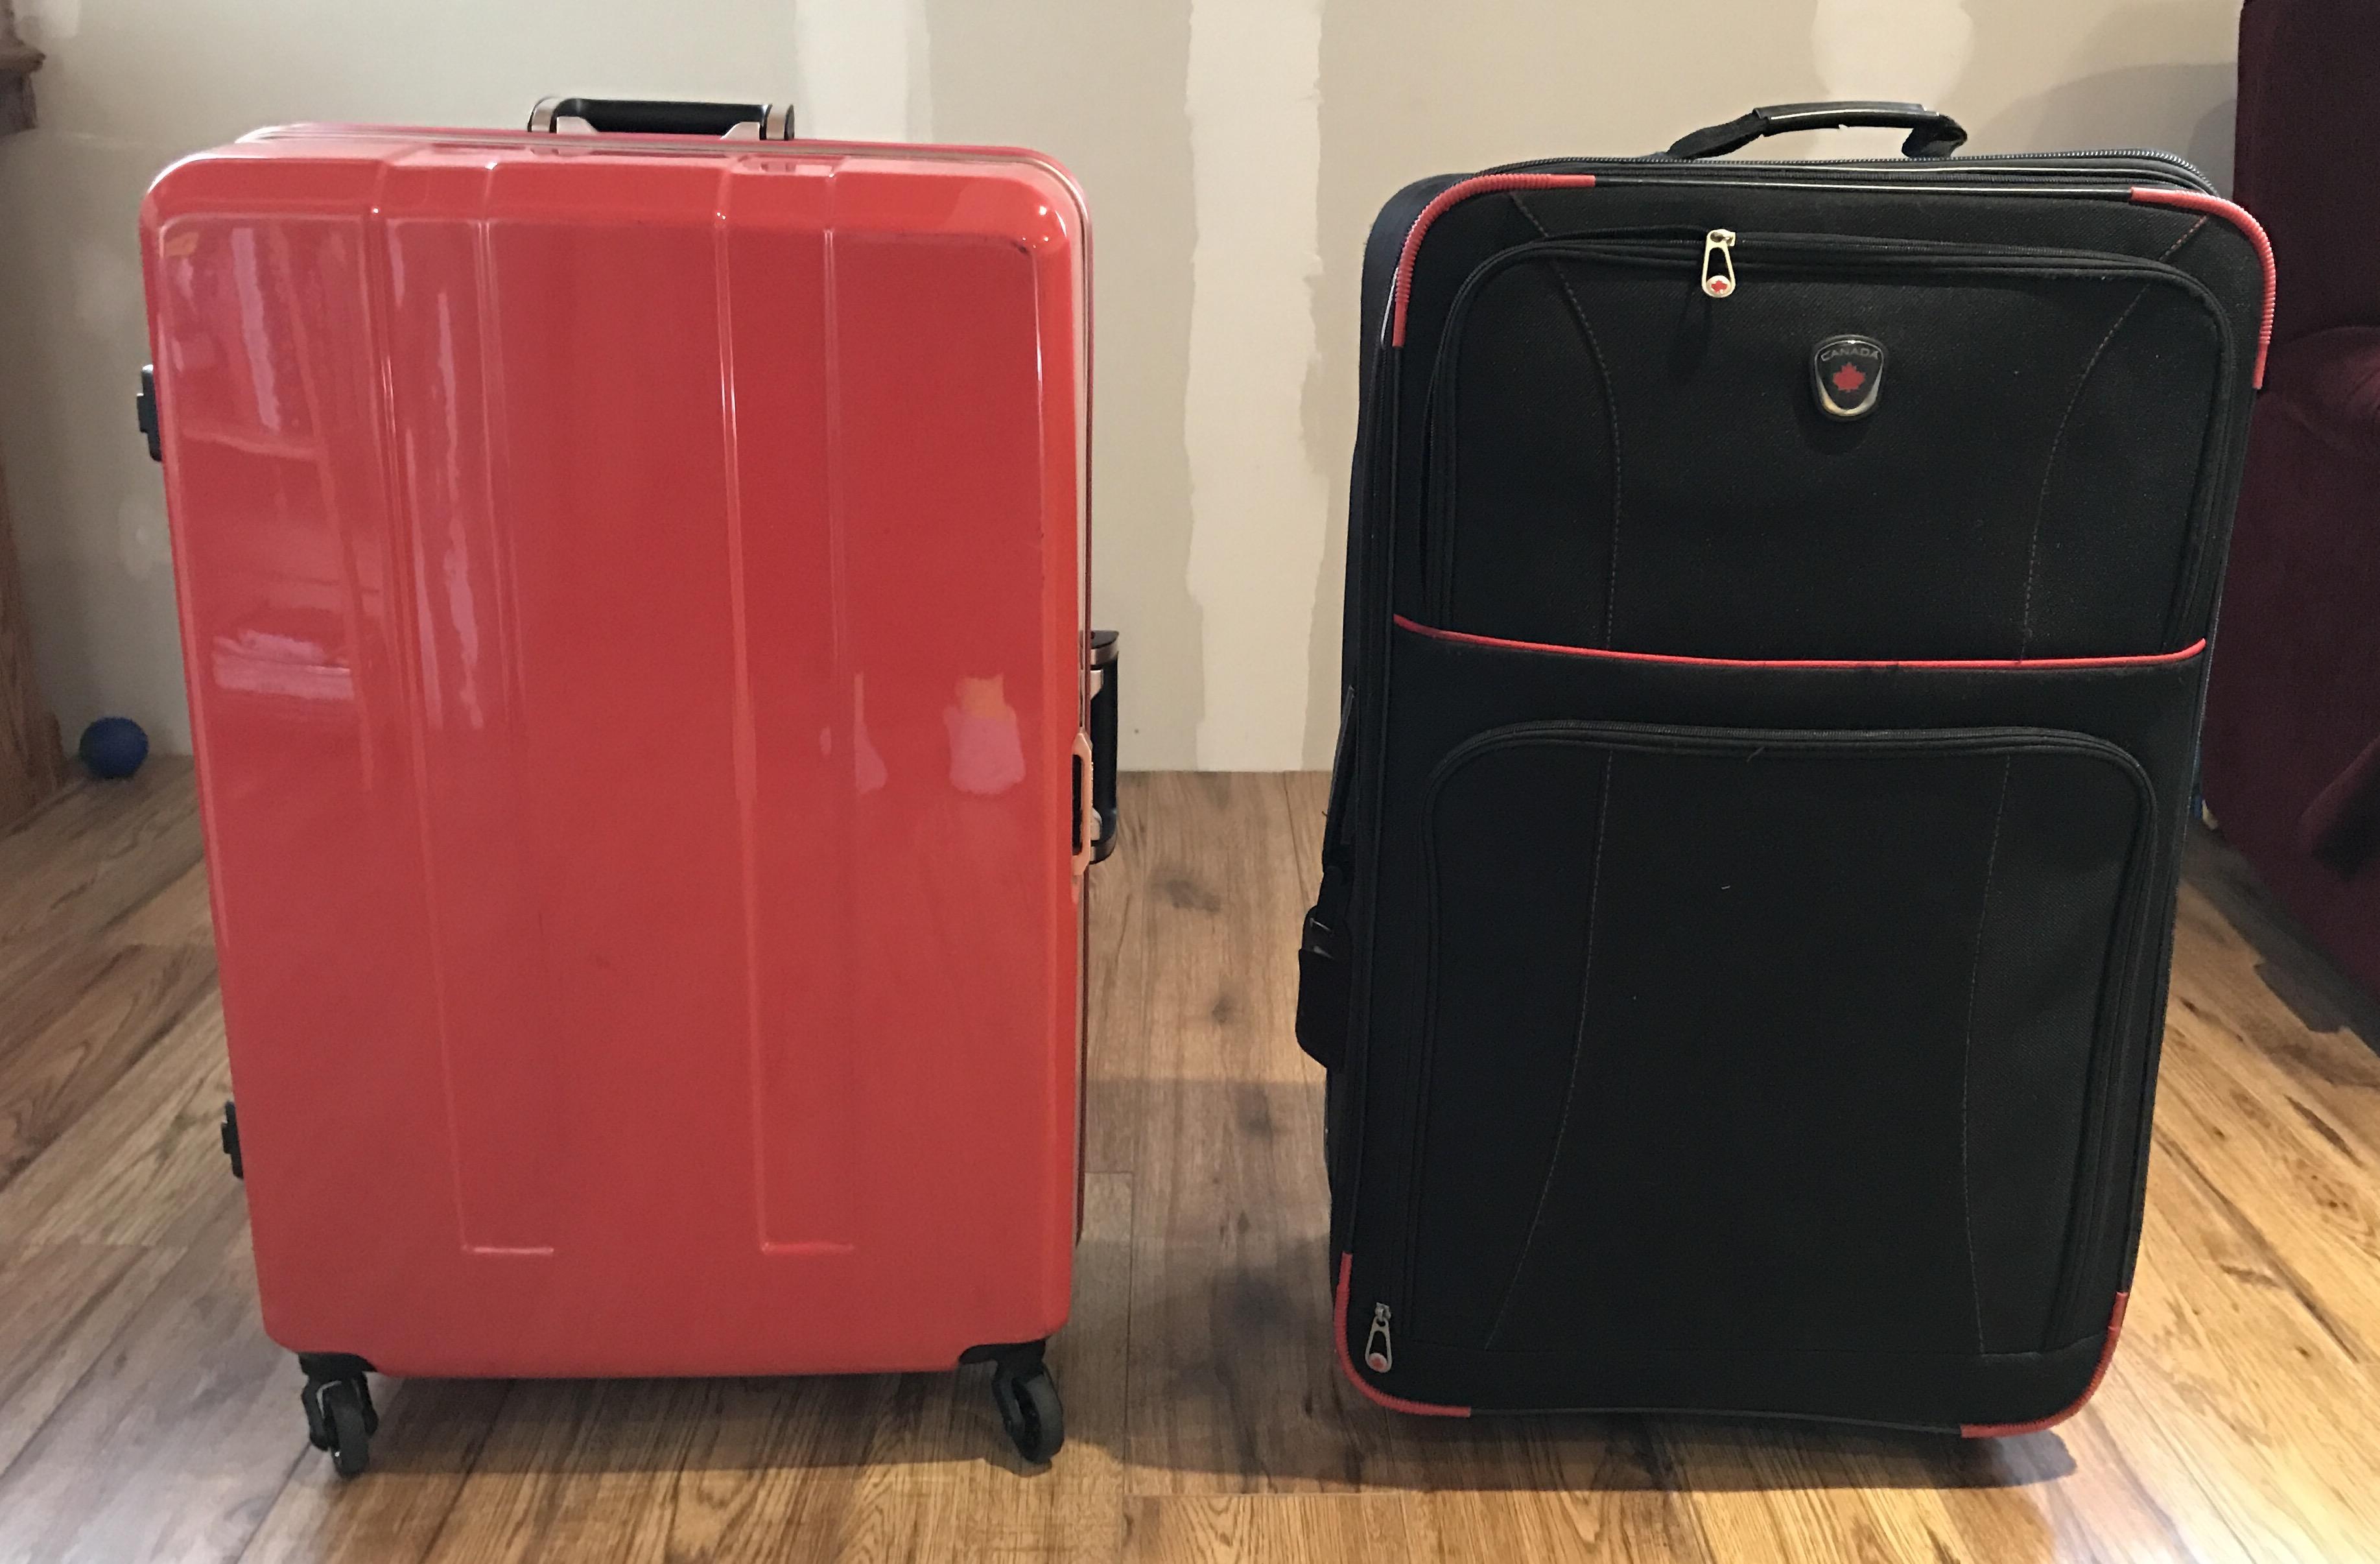 ハードとソフトを徹底比較!海外旅行用のスーツケースはどっちがオススメ?